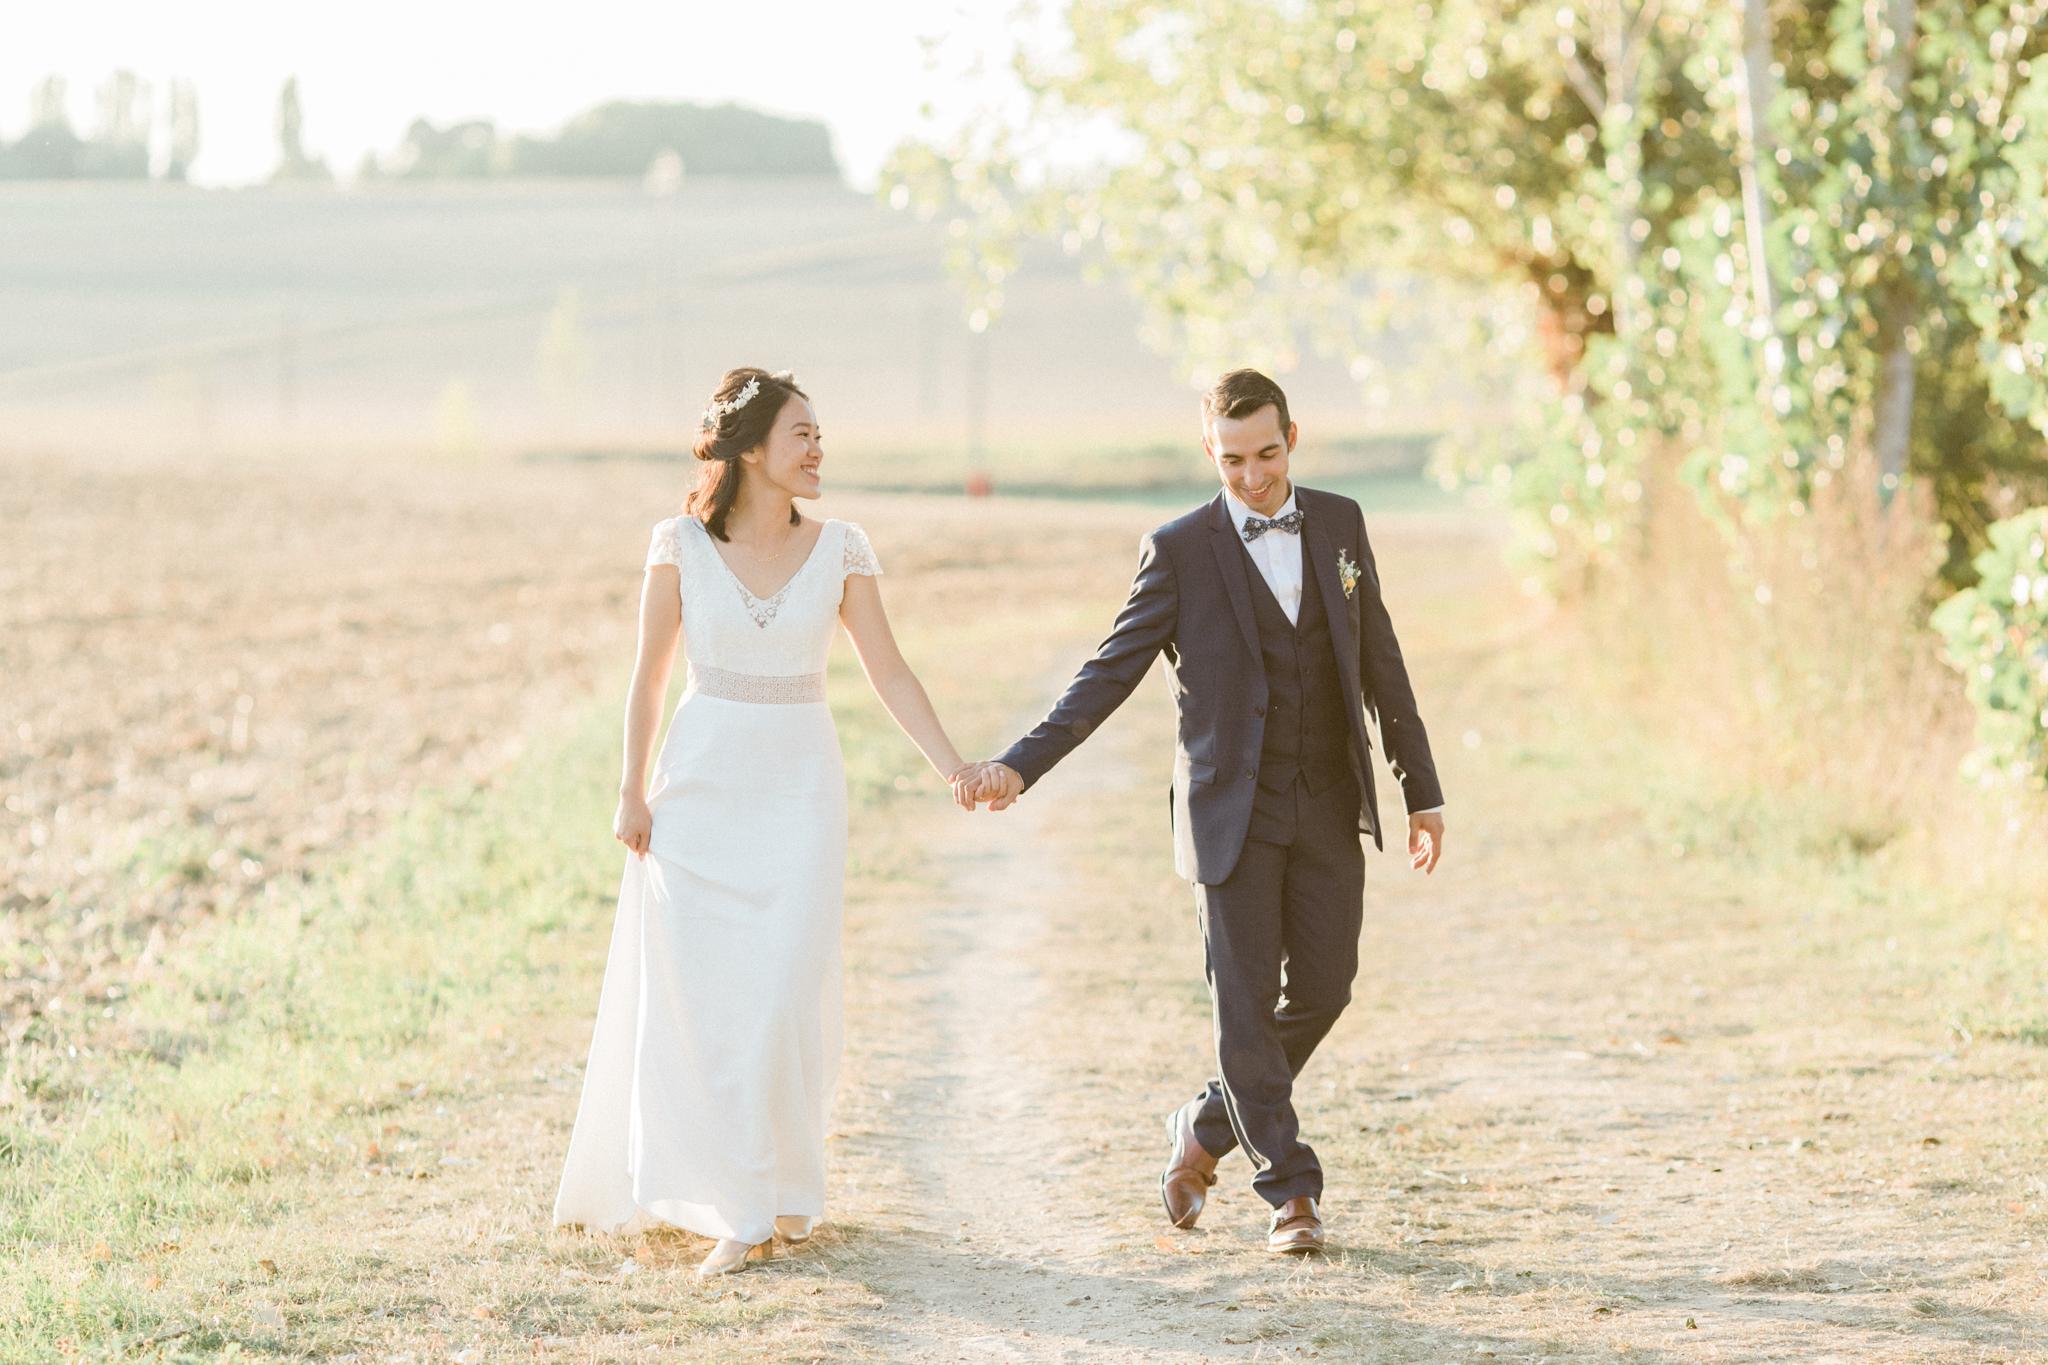 séance couple pendant le mariage